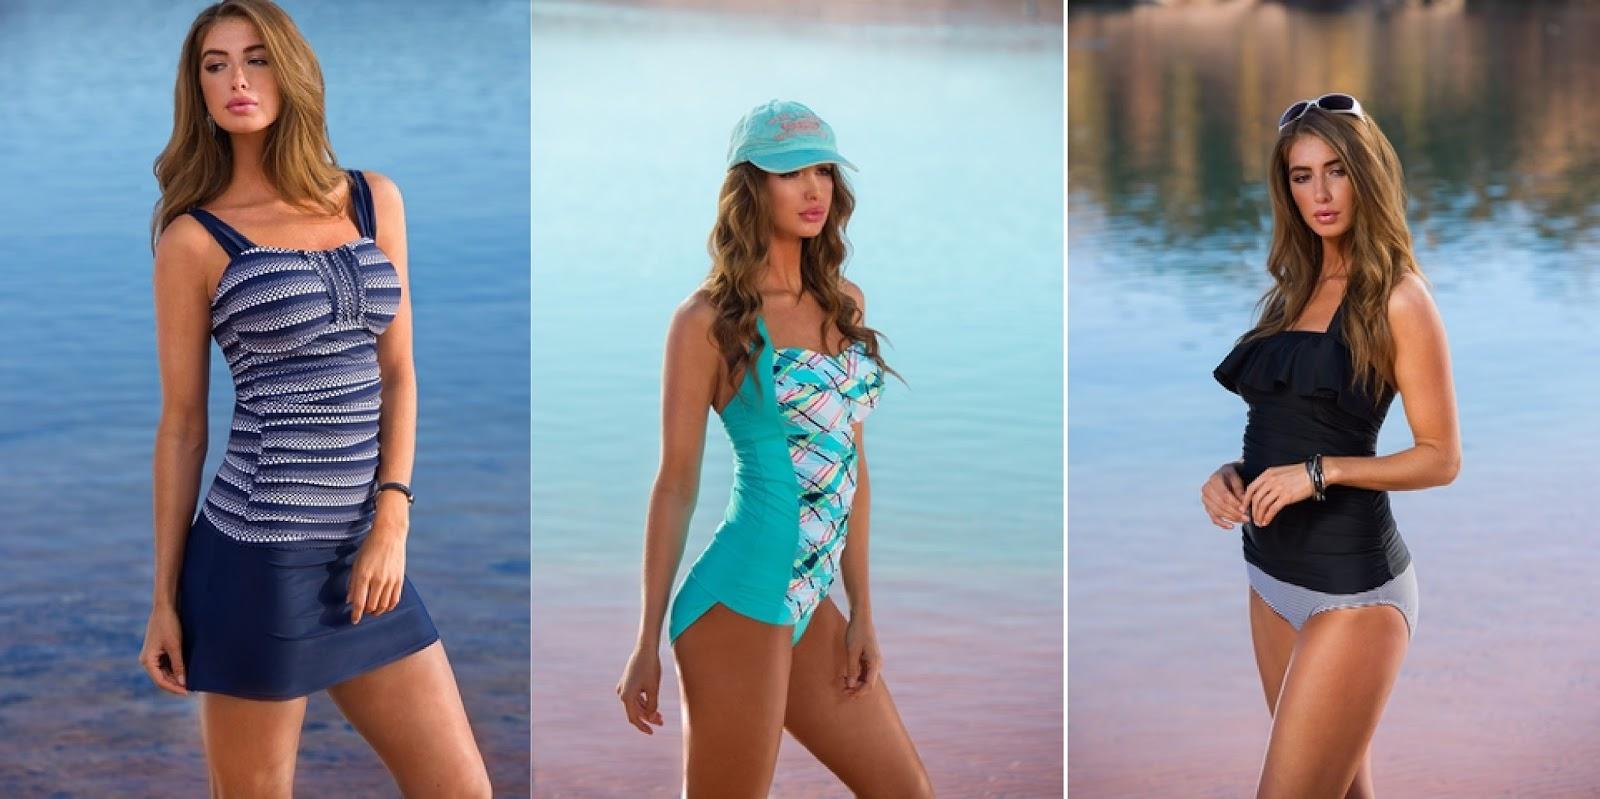 dbf2a21ebc84 El bikini es un traje de baño apropiado para las jóvenes de la ...